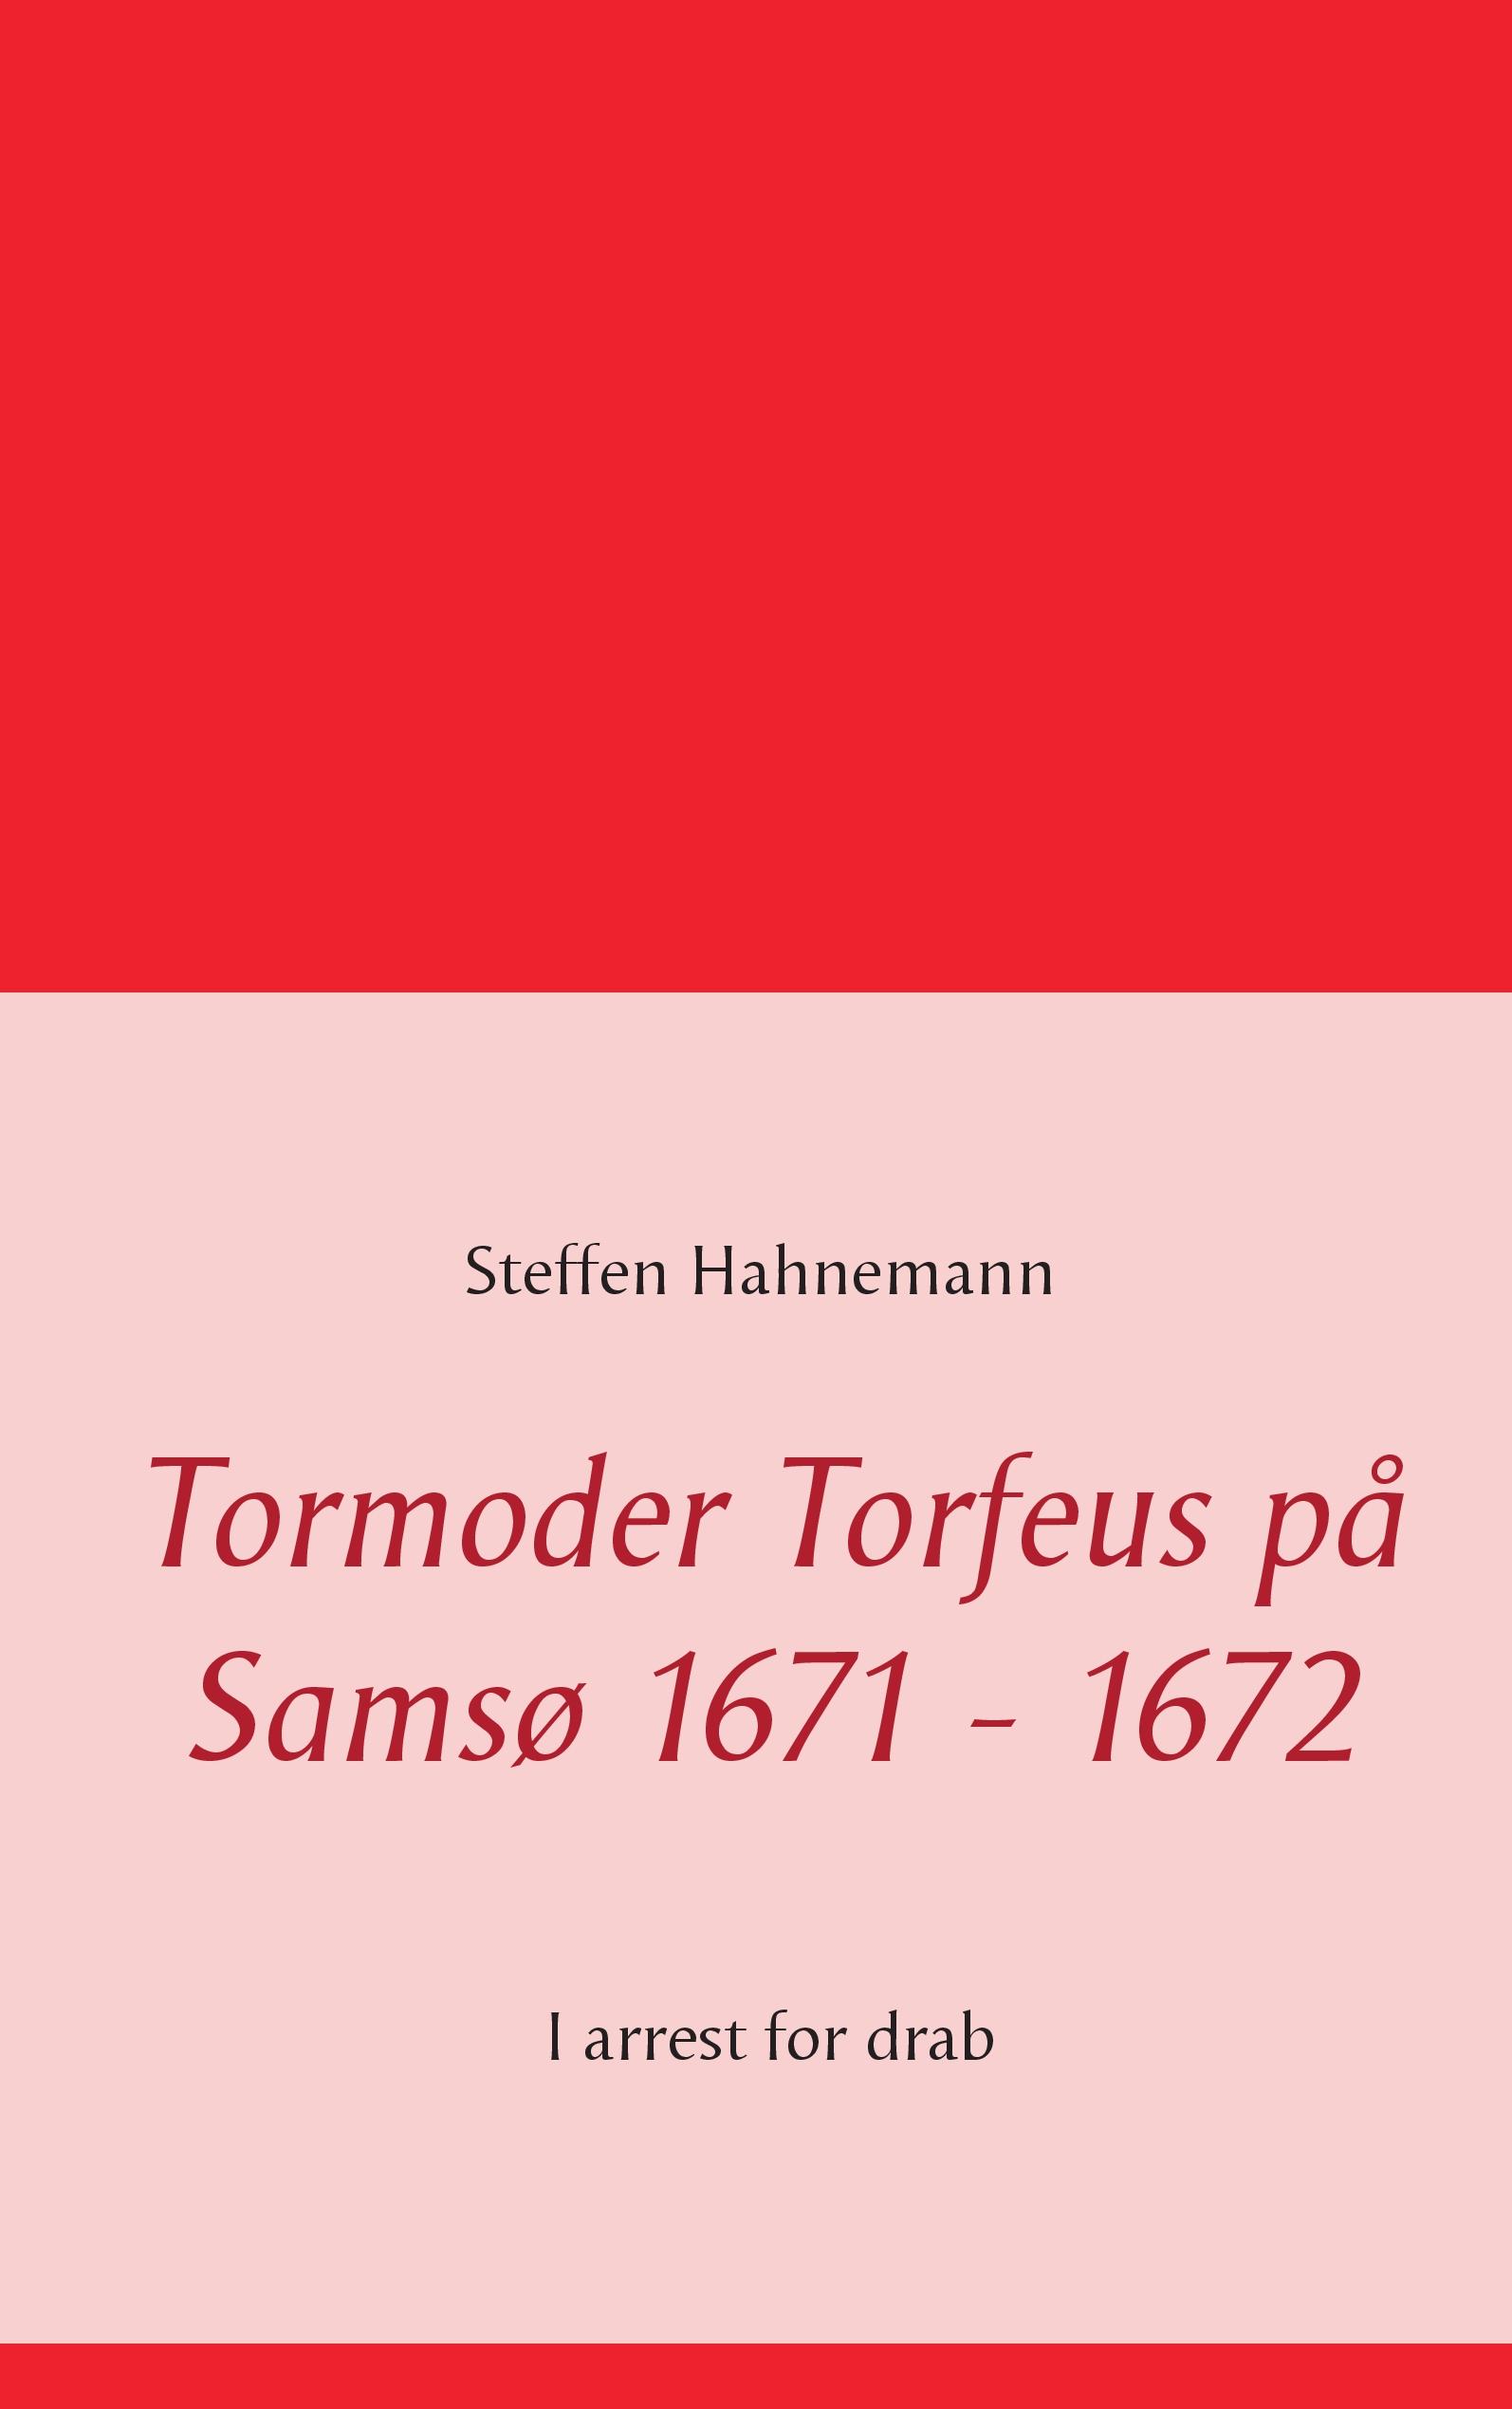 N/A Tormoder torfeus på samsø 1671 - 1672 - e-bog på bog & mystik